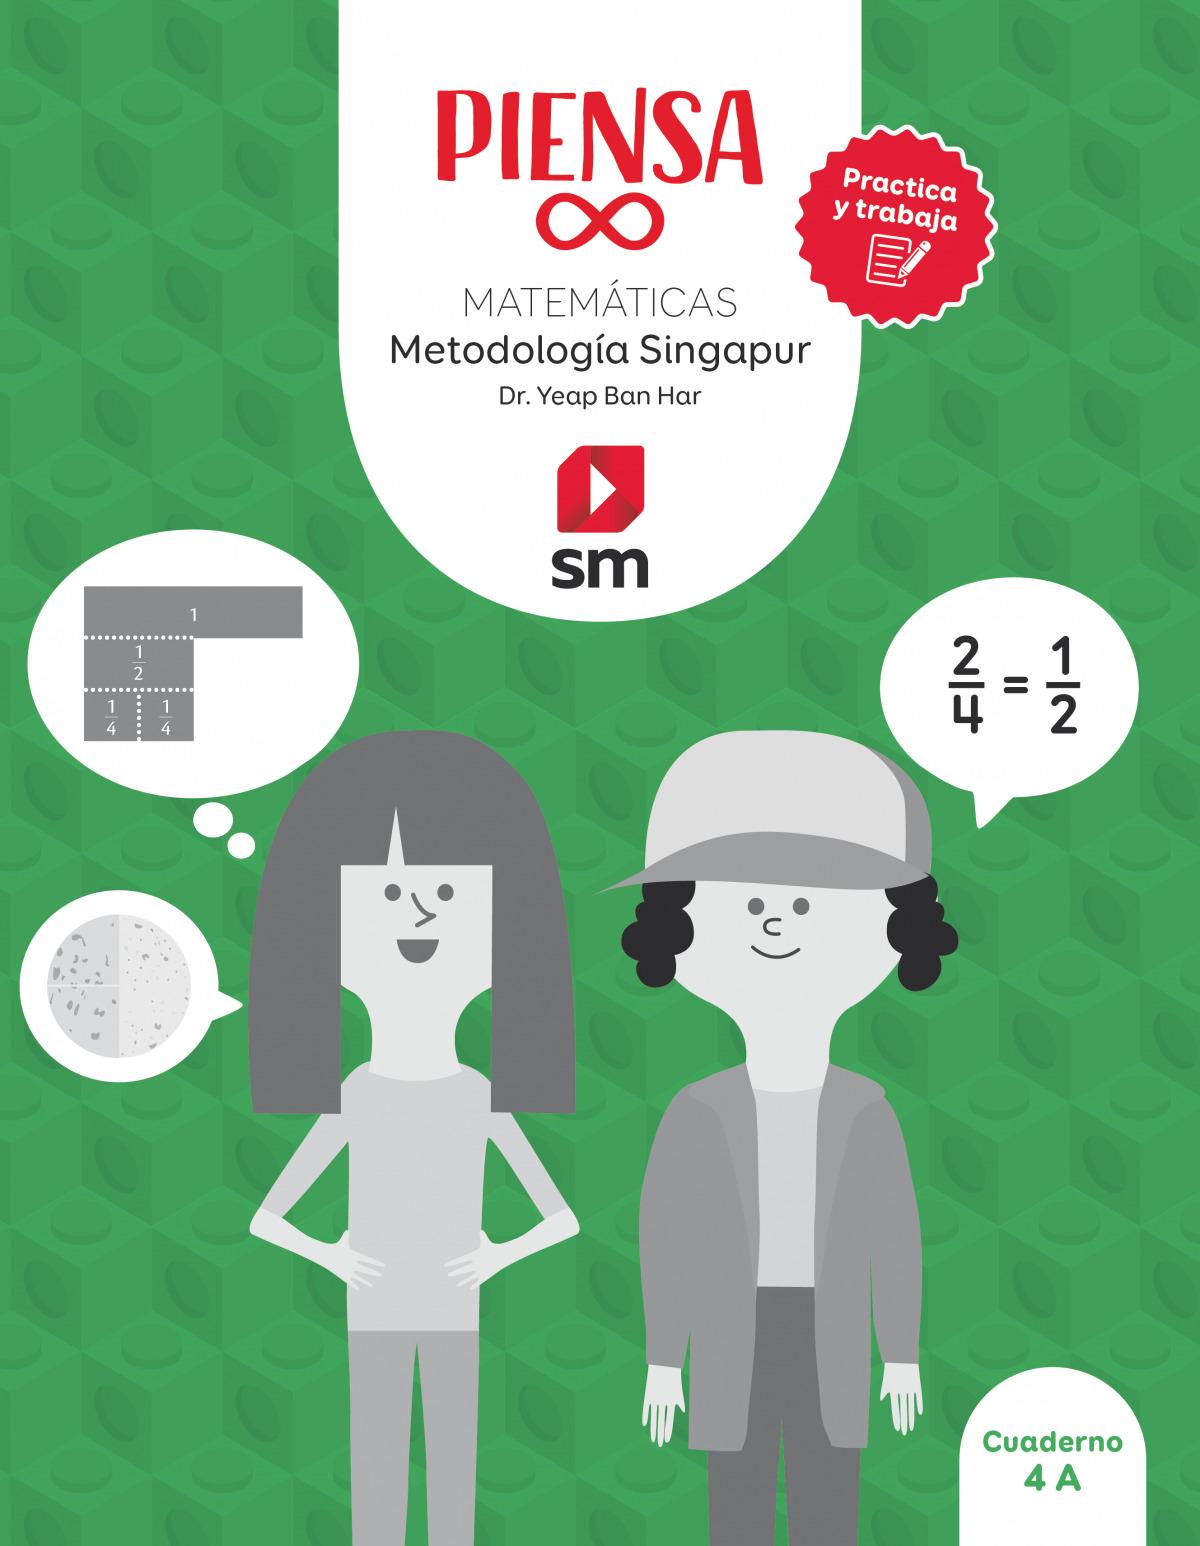 Piensa [infinito]. Practica y trabaja. Metodología Singapur. 4 Primaria. Cuaderno